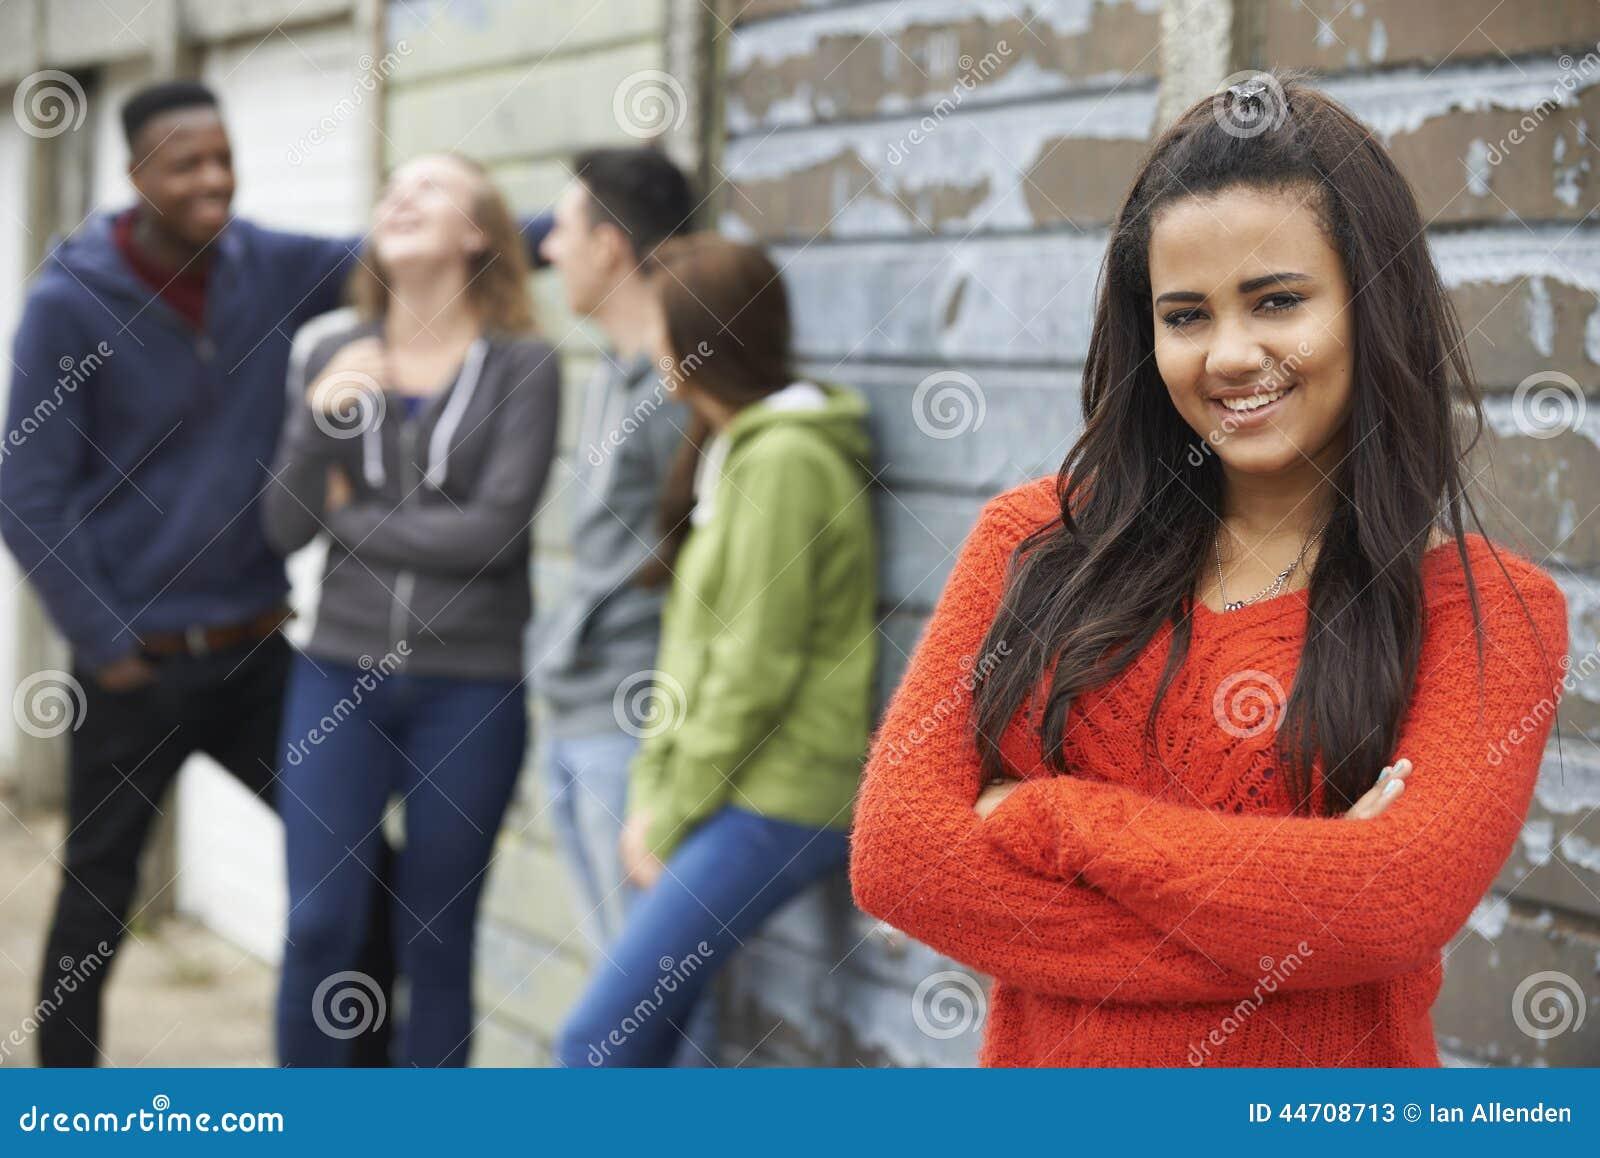 Gruppo di amici adolescenti che vanno in giro nell ambiente urbano